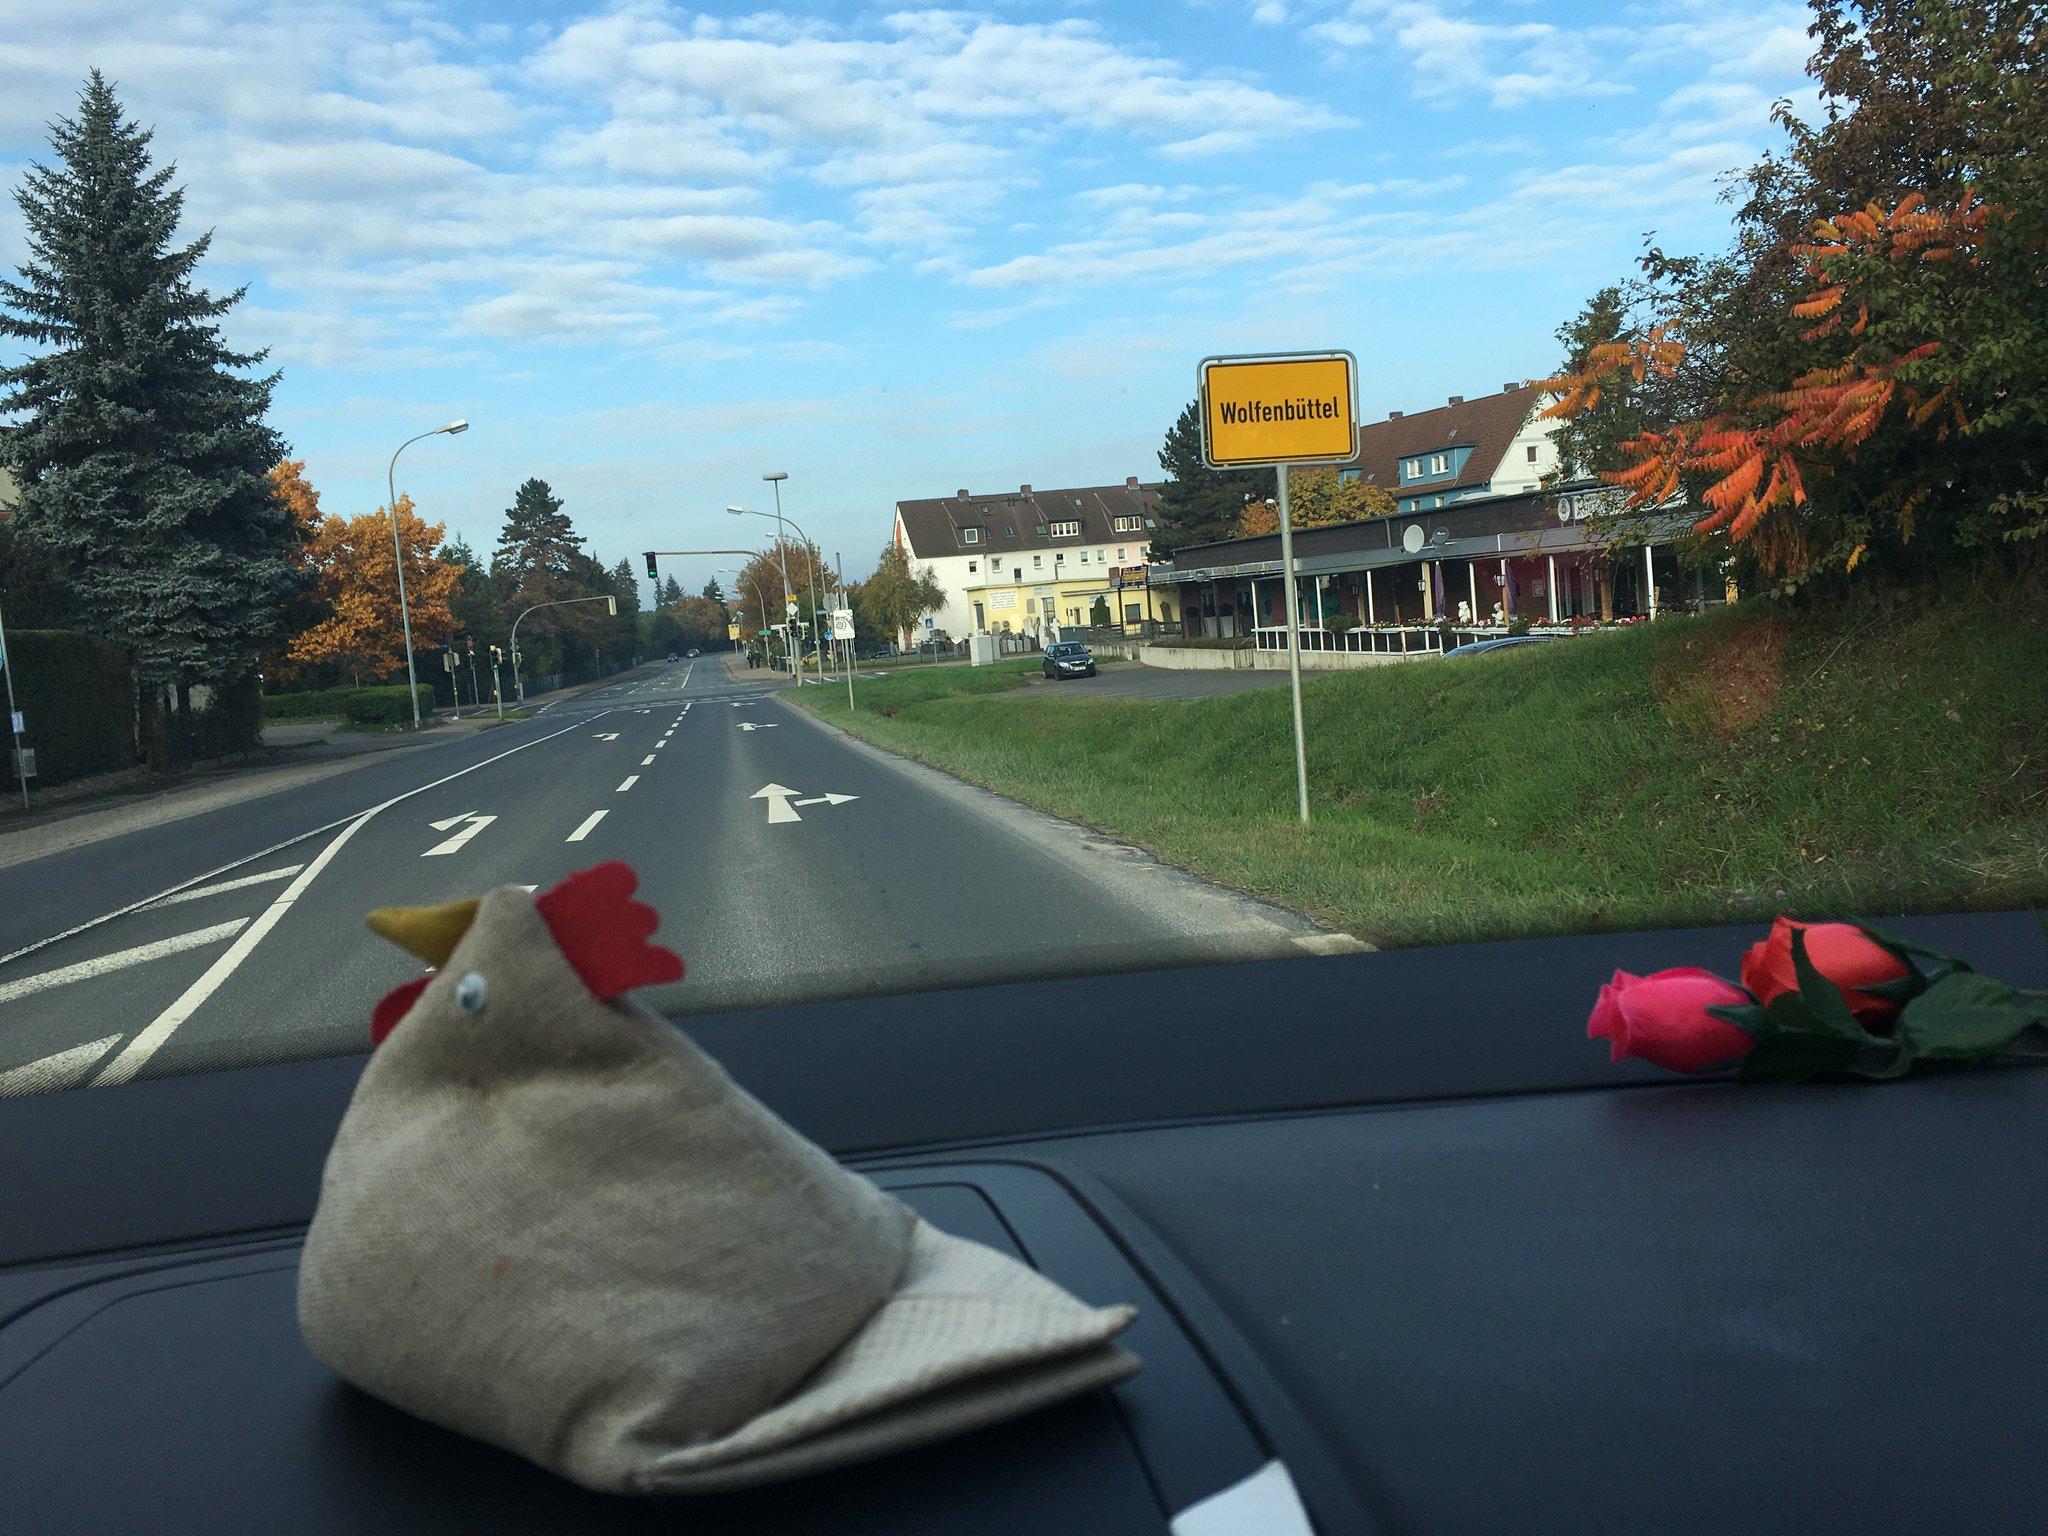 Und Ankunft in Wolfenbüttel. Angenehm kurze Anreise #meurers #echtlessig https://t.co/g0674JQNNI